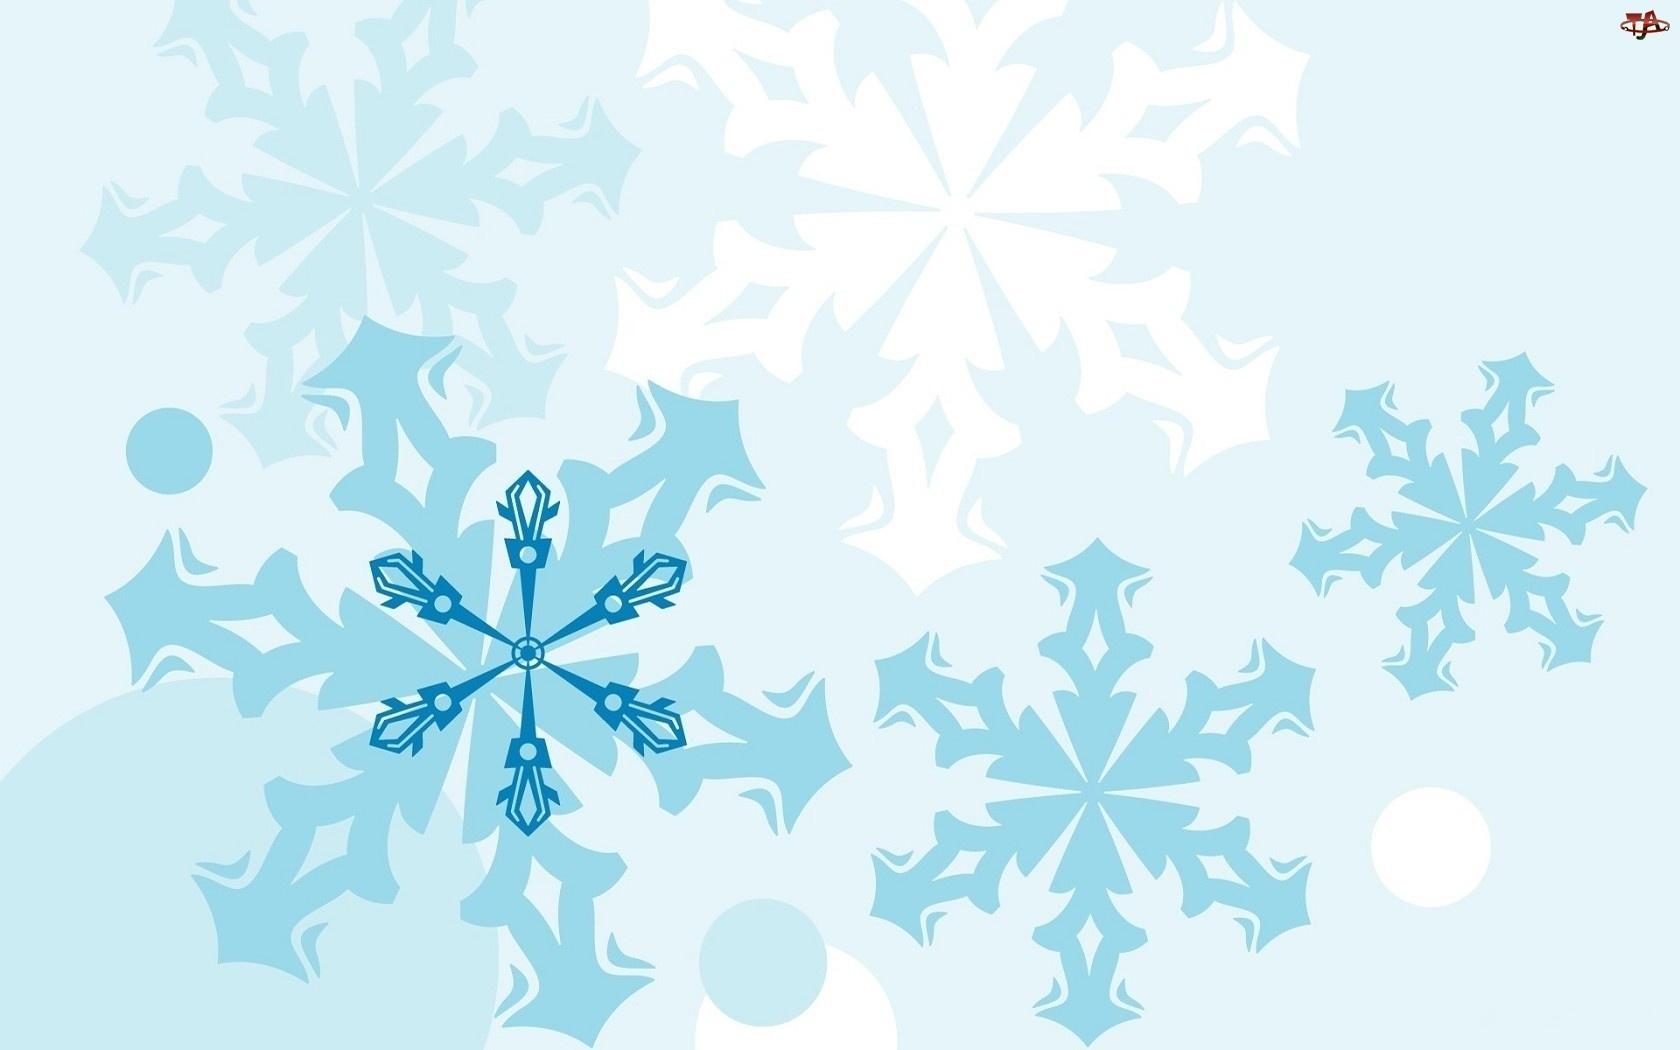 Płatki, Białe, Śniegu, Niebieskie